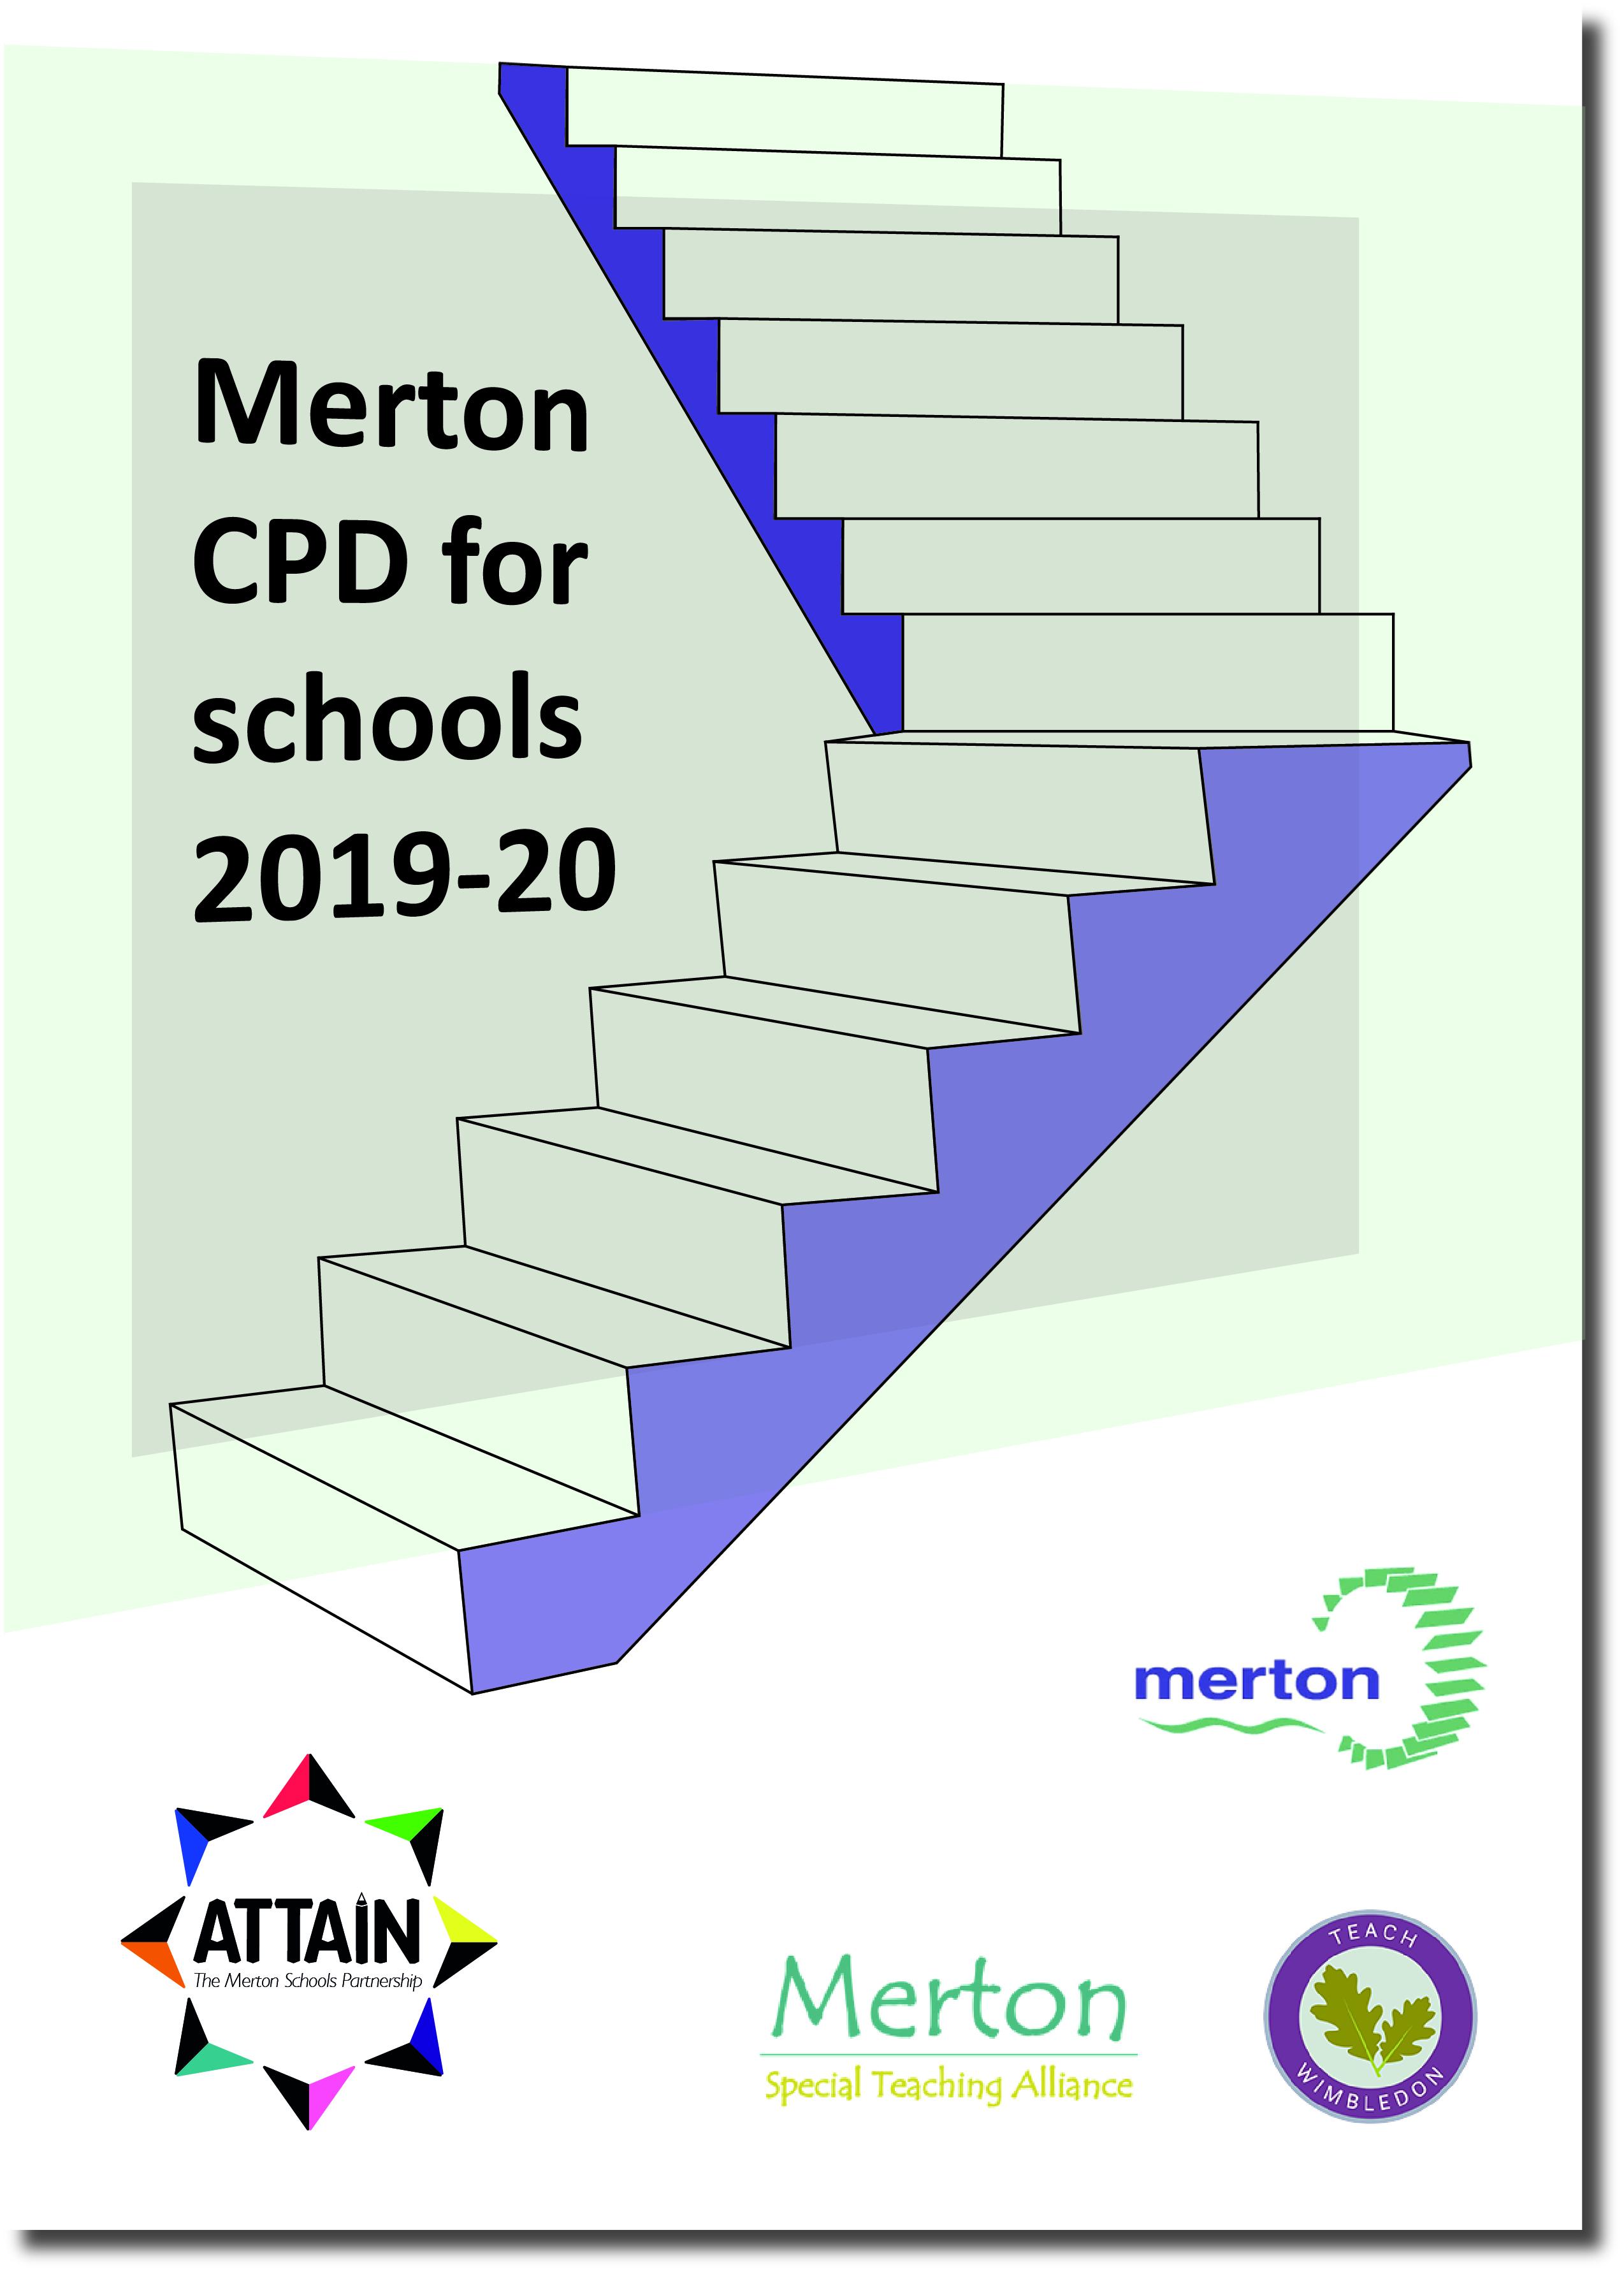 Merton CPD Brochure 2019-20